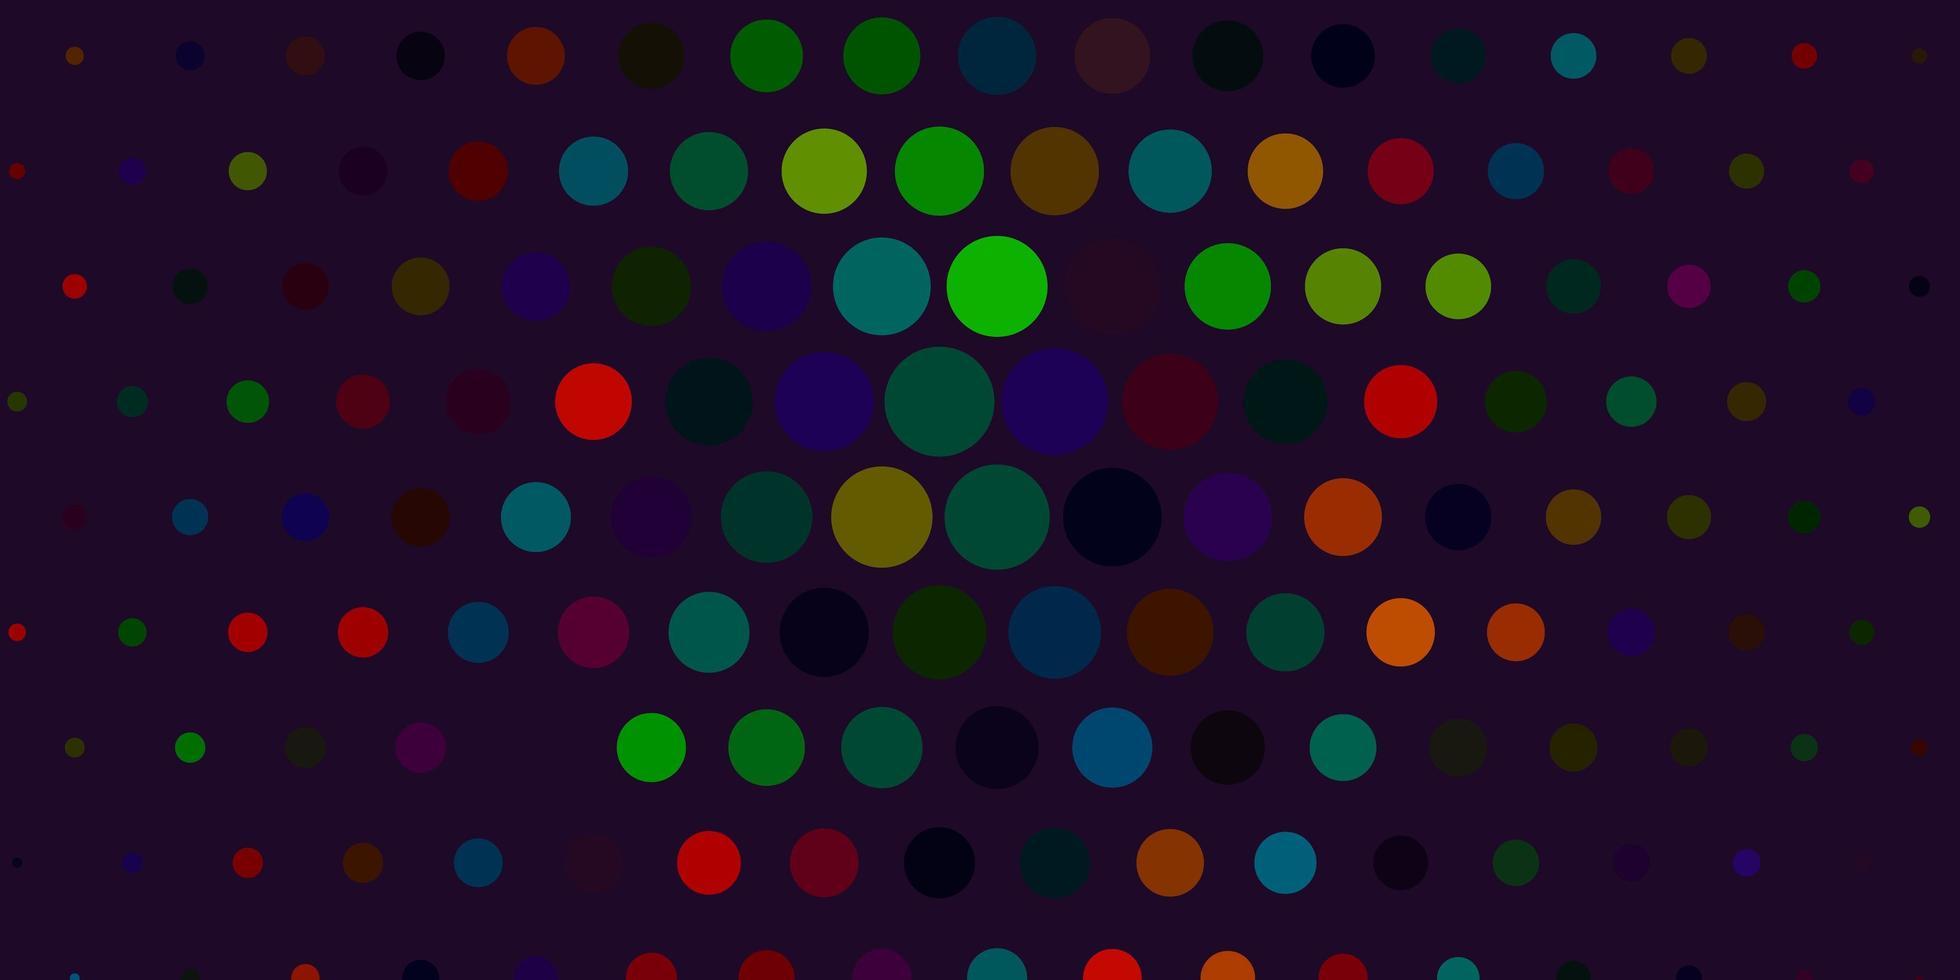 hellgrüne, rote Vektorbeschaffenheit mit Scheiben. vektor